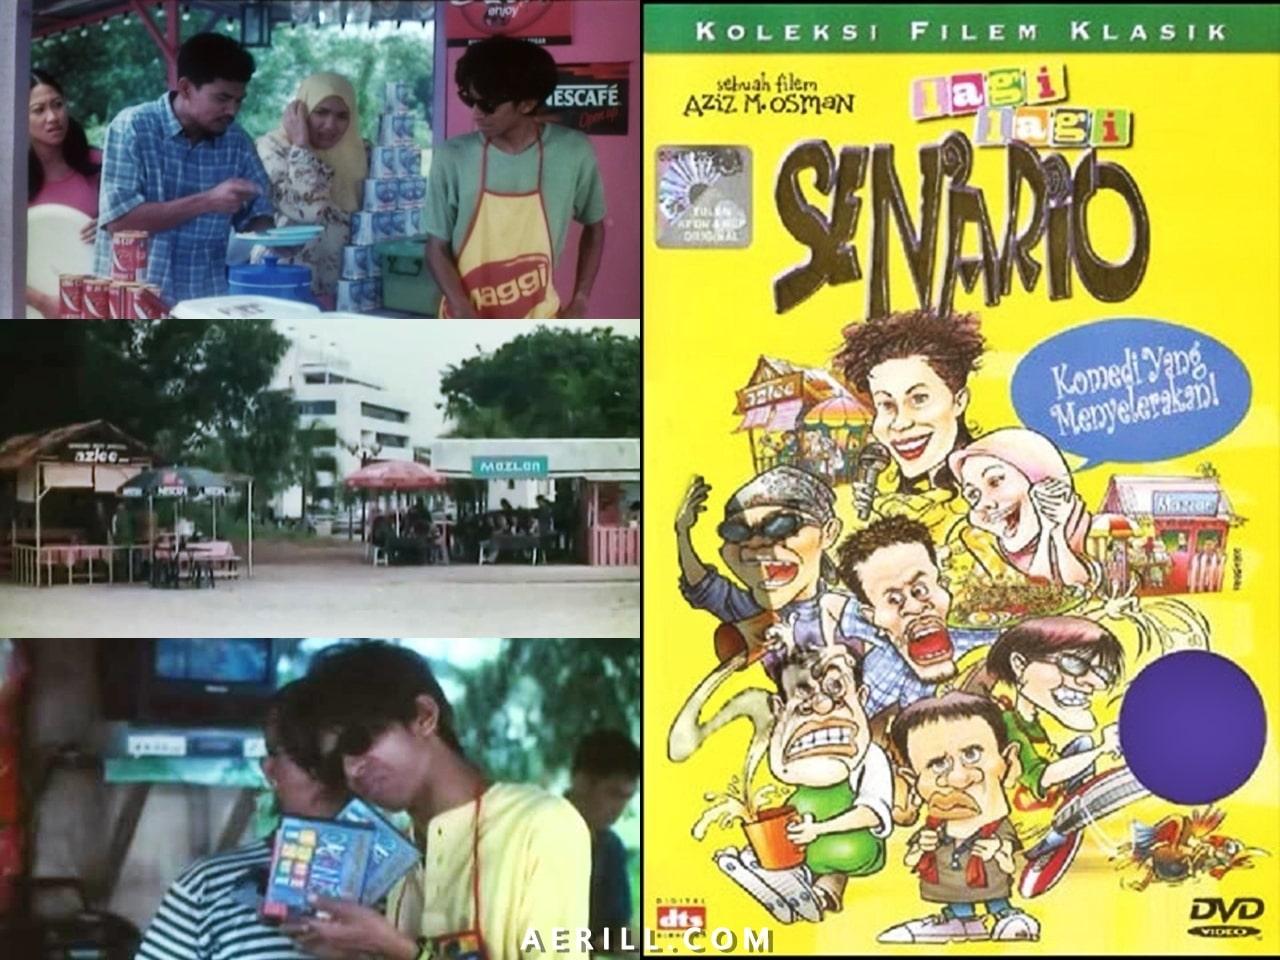 Lagi-Lagi Senario (2001)